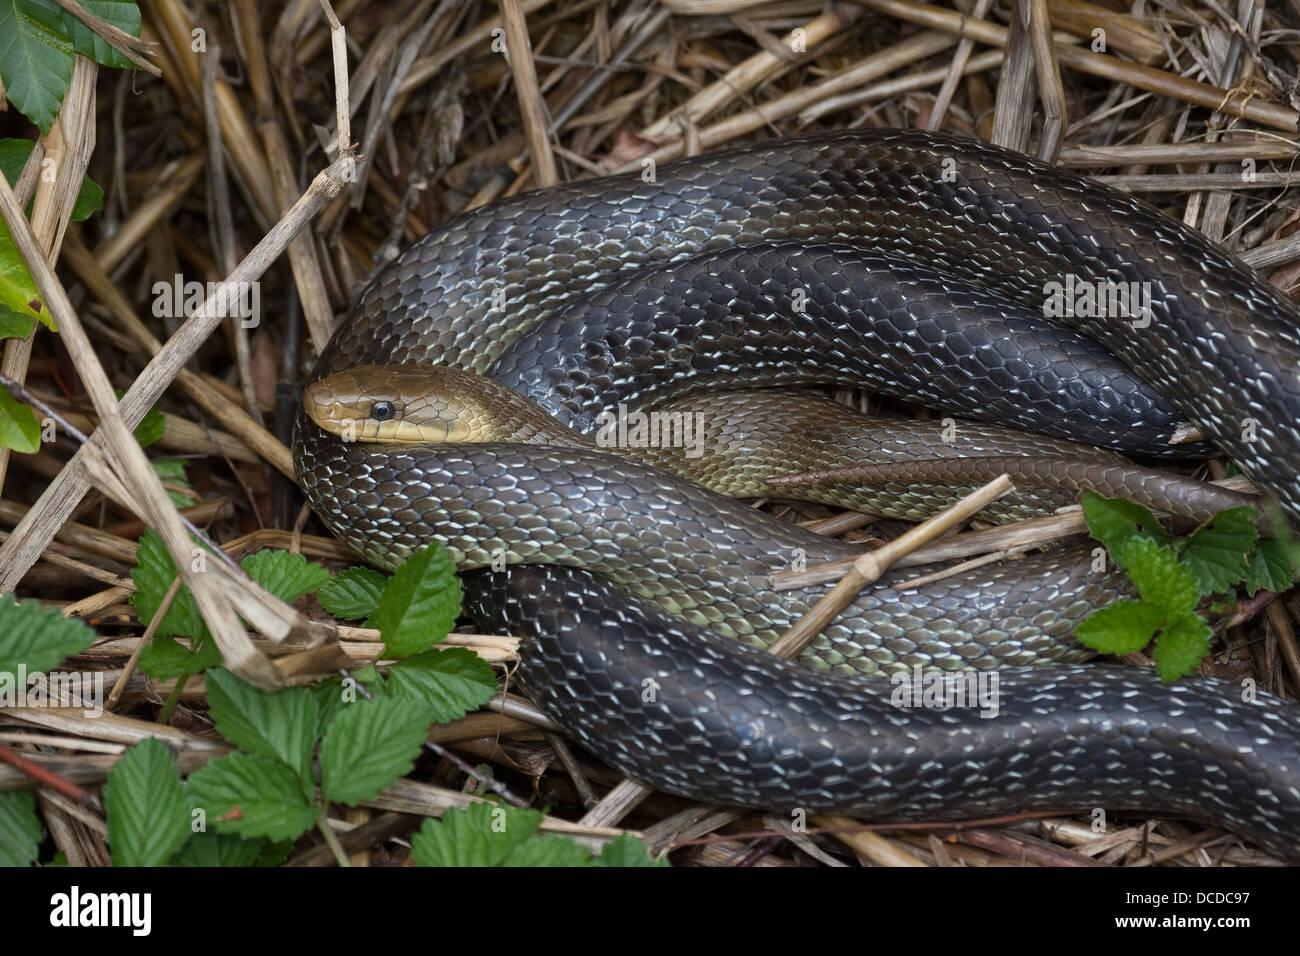 Äskulapnatter, äskulap-natter, natter, äskulappnatter, Zamenis longissimus, Elaphe longissima, aesculapian Photo Stock